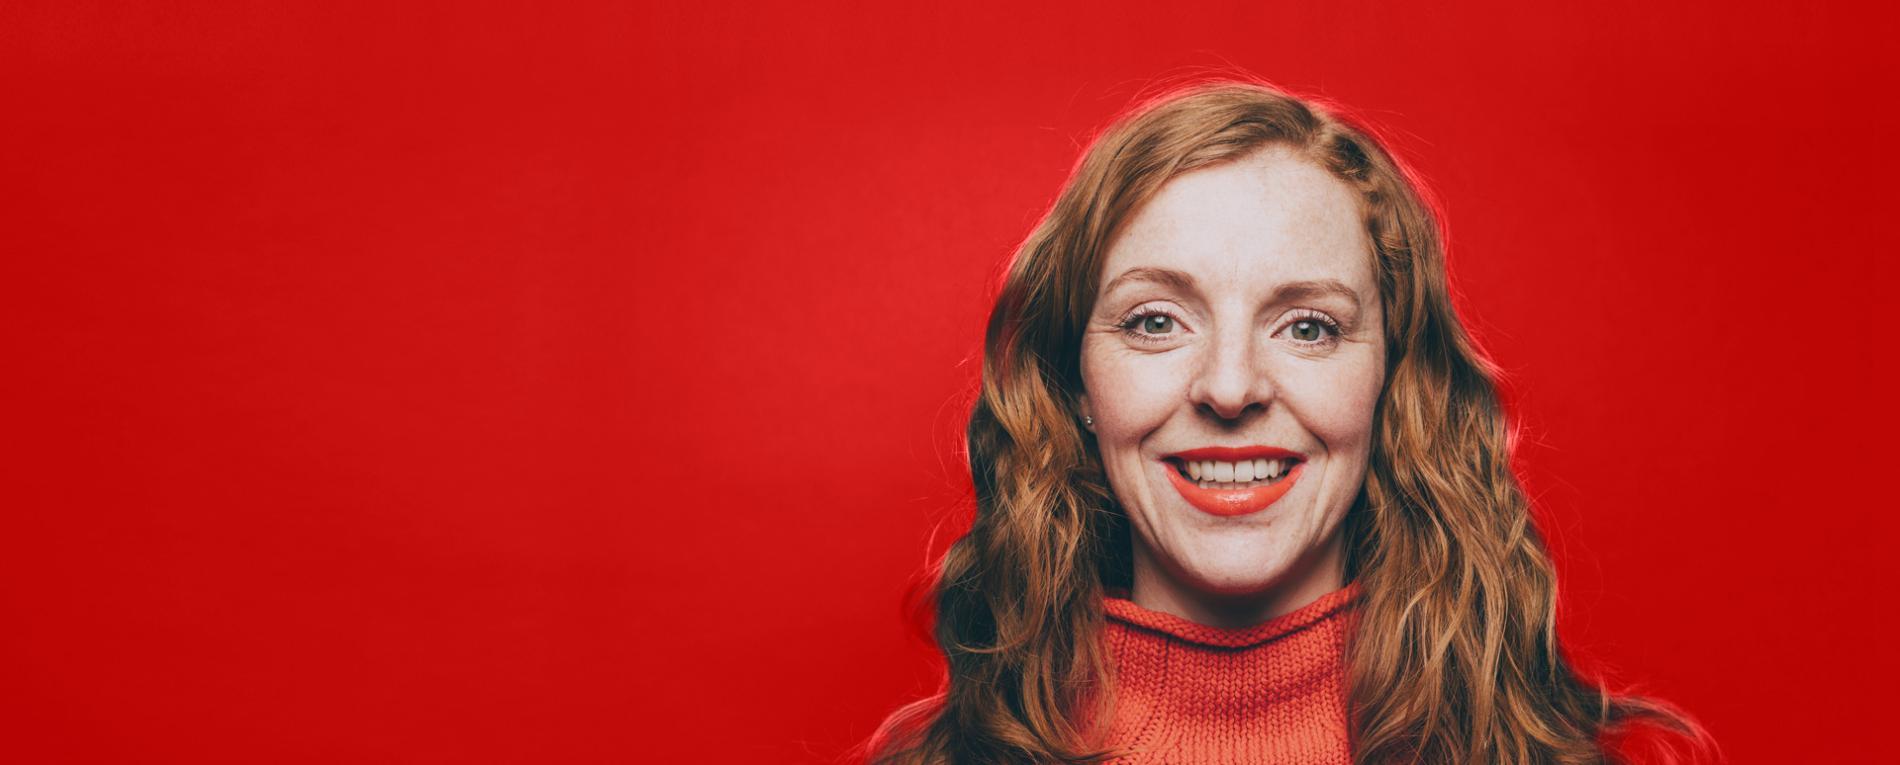 Mujer sonriendo vestida de rojo